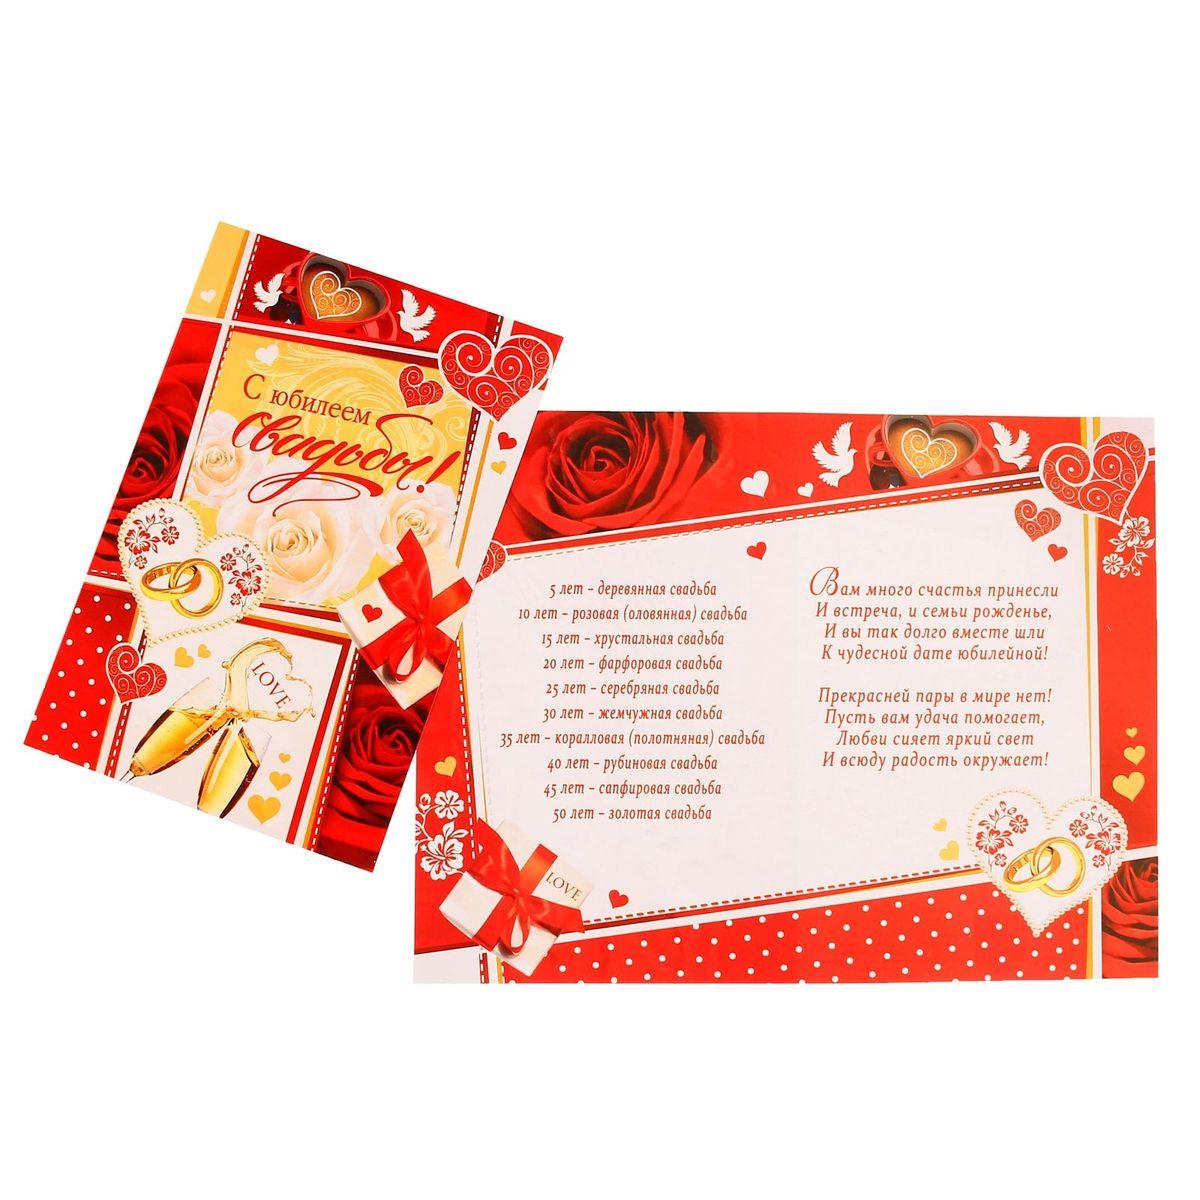 Открытка Мир открыток С юбилеем Свадьбы! Бокалы и подарки1088723Если вы хотите порадовать себя или близких, создать праздничное настроение и с улыбкой провести памятный день, то вы, несомненно, сделали правильный выбор! Открытка Мир открыток С юбилеем Свадьбы! Бокалы и подарки, выполненная из картона, отличается не только оригинальным дизайном, но и высоким качеством.Лицевая сторона изделия оформлена красивым изображением роз, бокалов и колец. Внутри открытка содержит текст с поздравлением.Такая открытка непременно порадует получателя и станет отличным напоминанием о проведенном вместе времени.